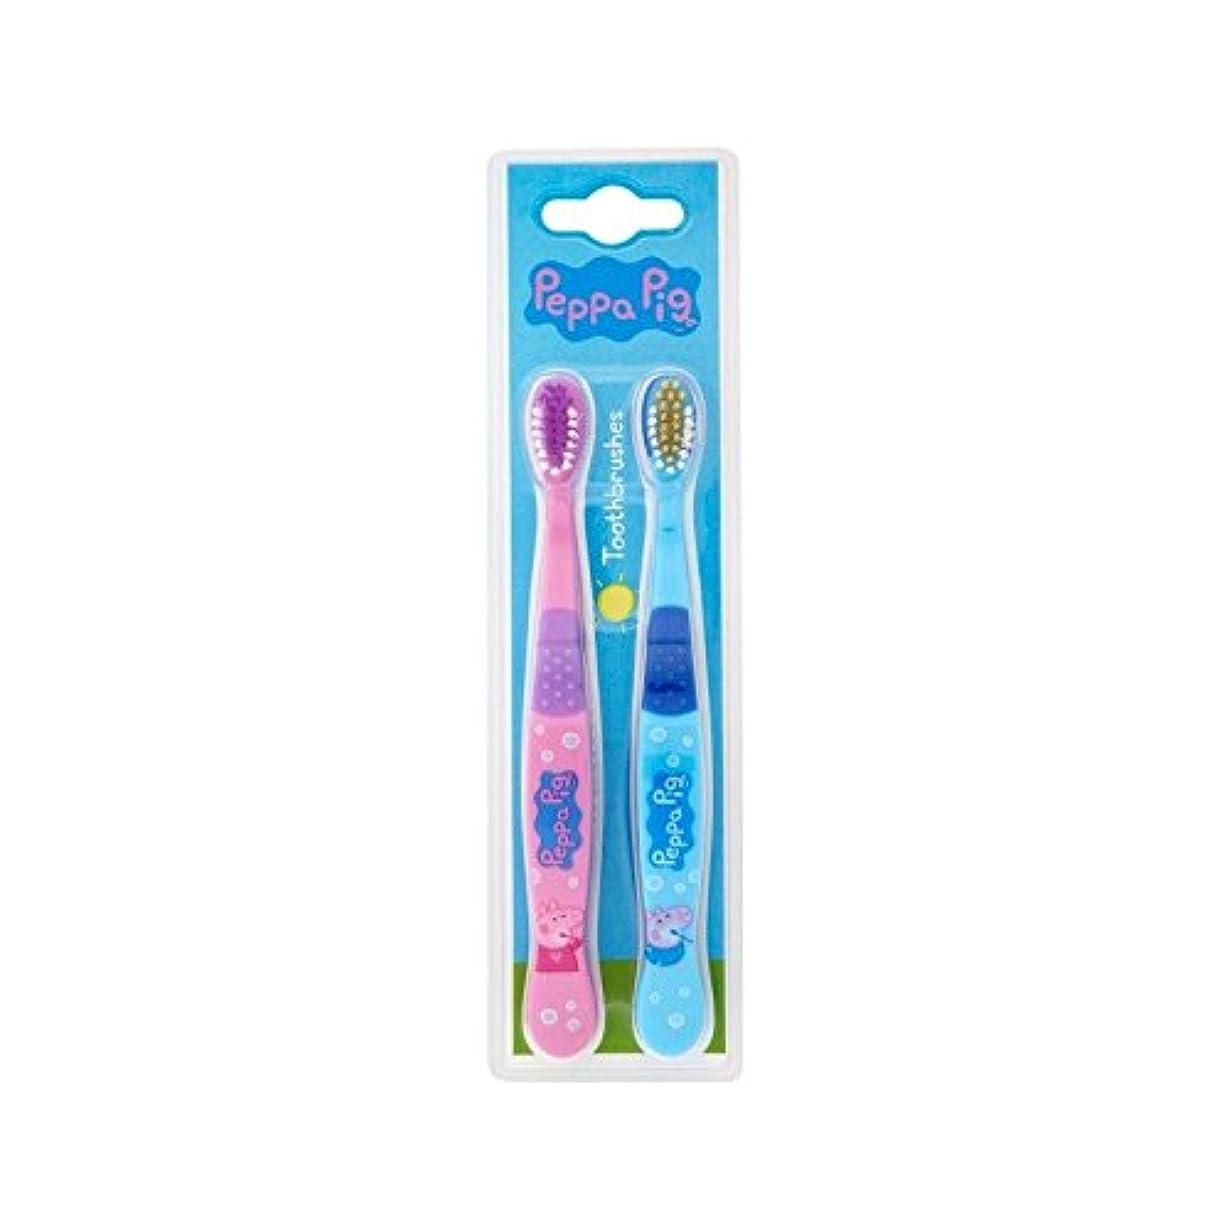 鋸歯状紫の広々とした1パックツイン歯ブラシ2 (Peppa Pig) - Peppa Pig Twin Toothbrush 2 per pack [並行輸入品]